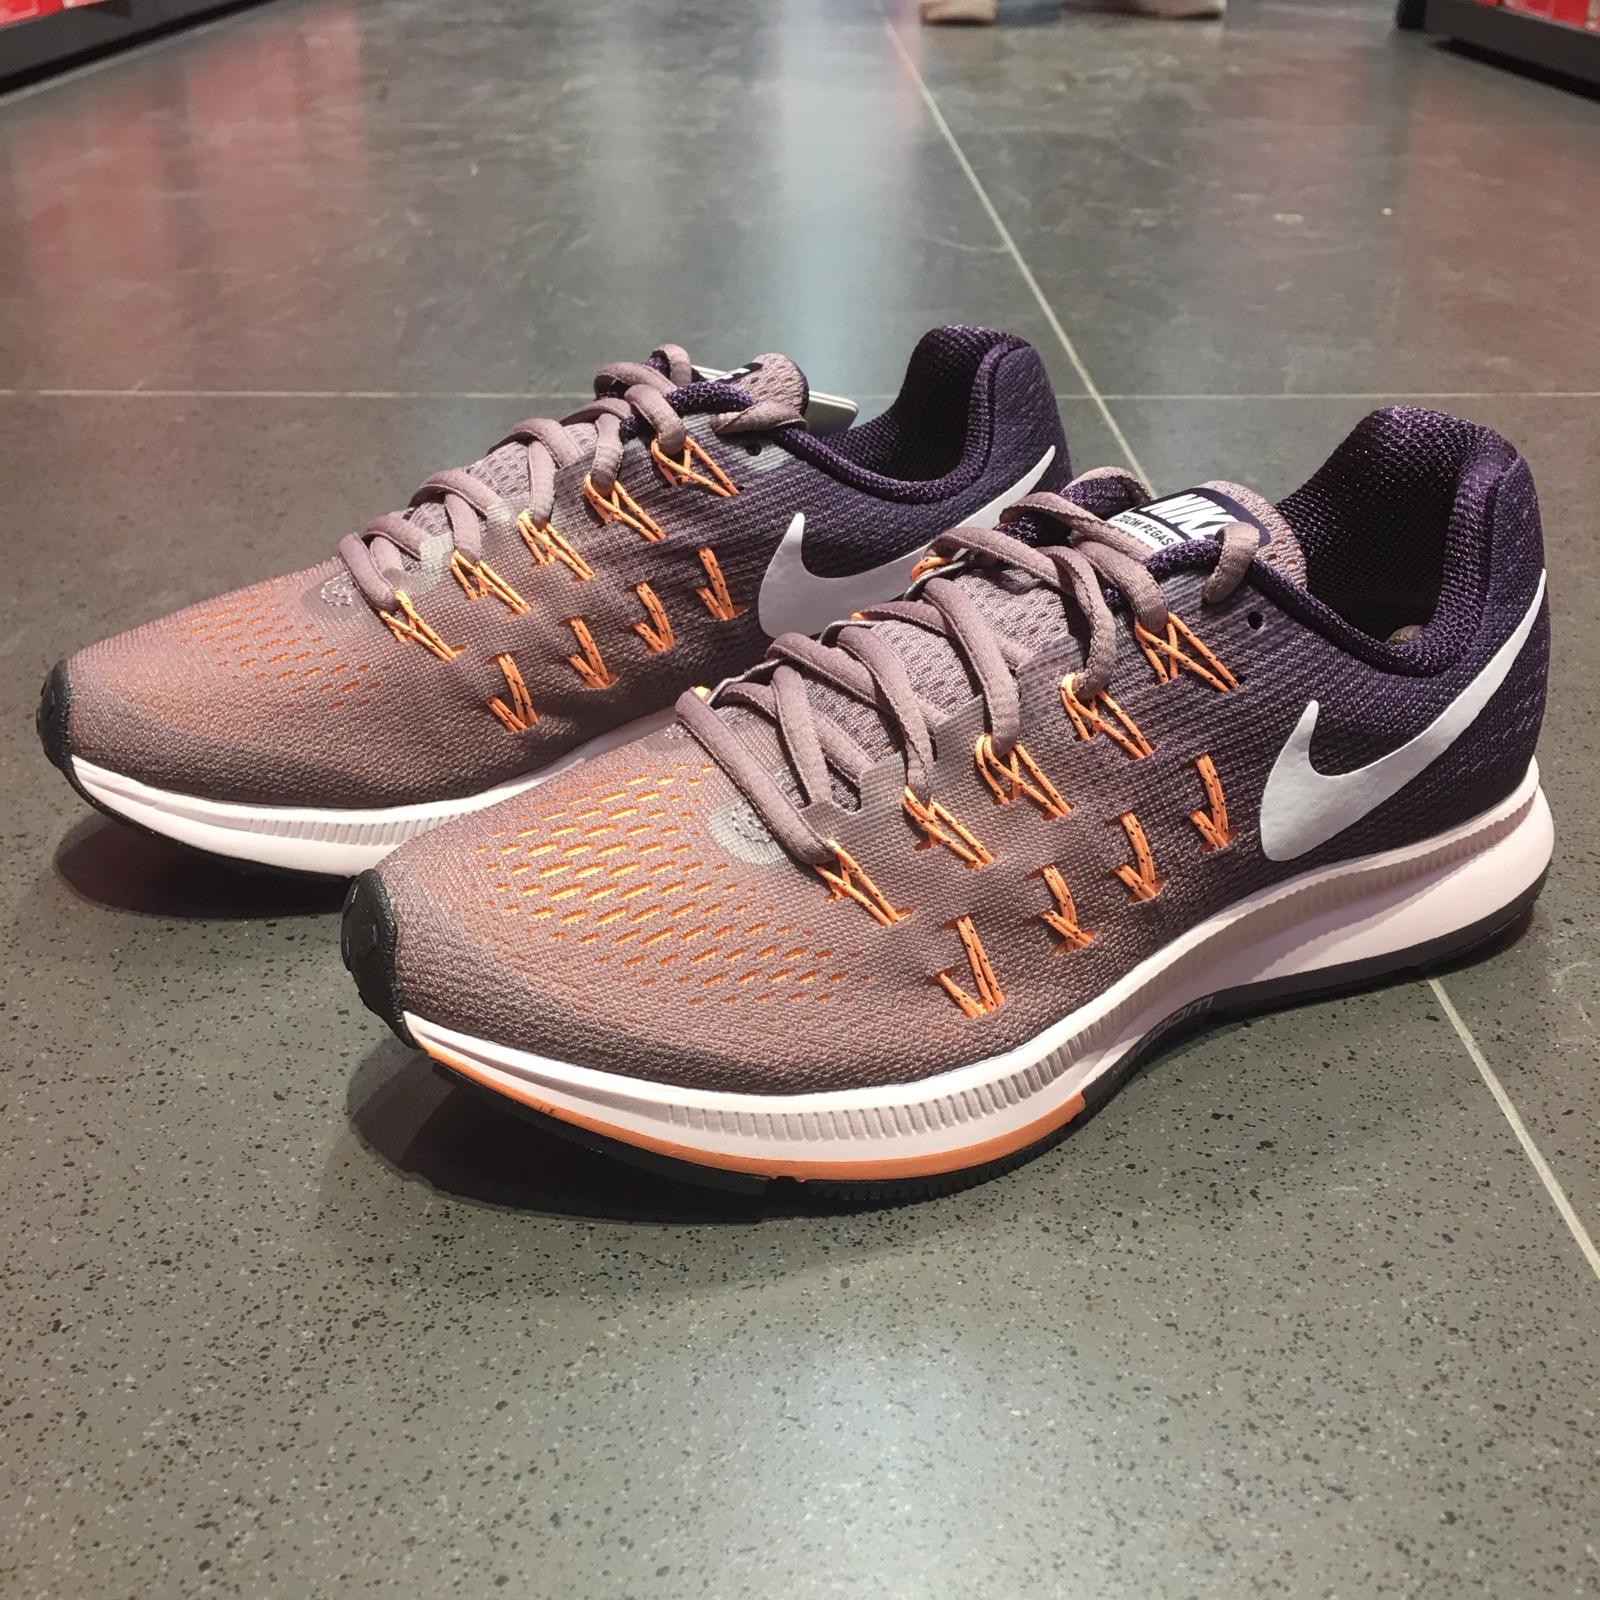 耐克女式运动鞋 Nike耐克 AIR ZOOM女子缓震运动跑步鞋 831356 500_推荐淘宝好看的女耐克女运动鞋